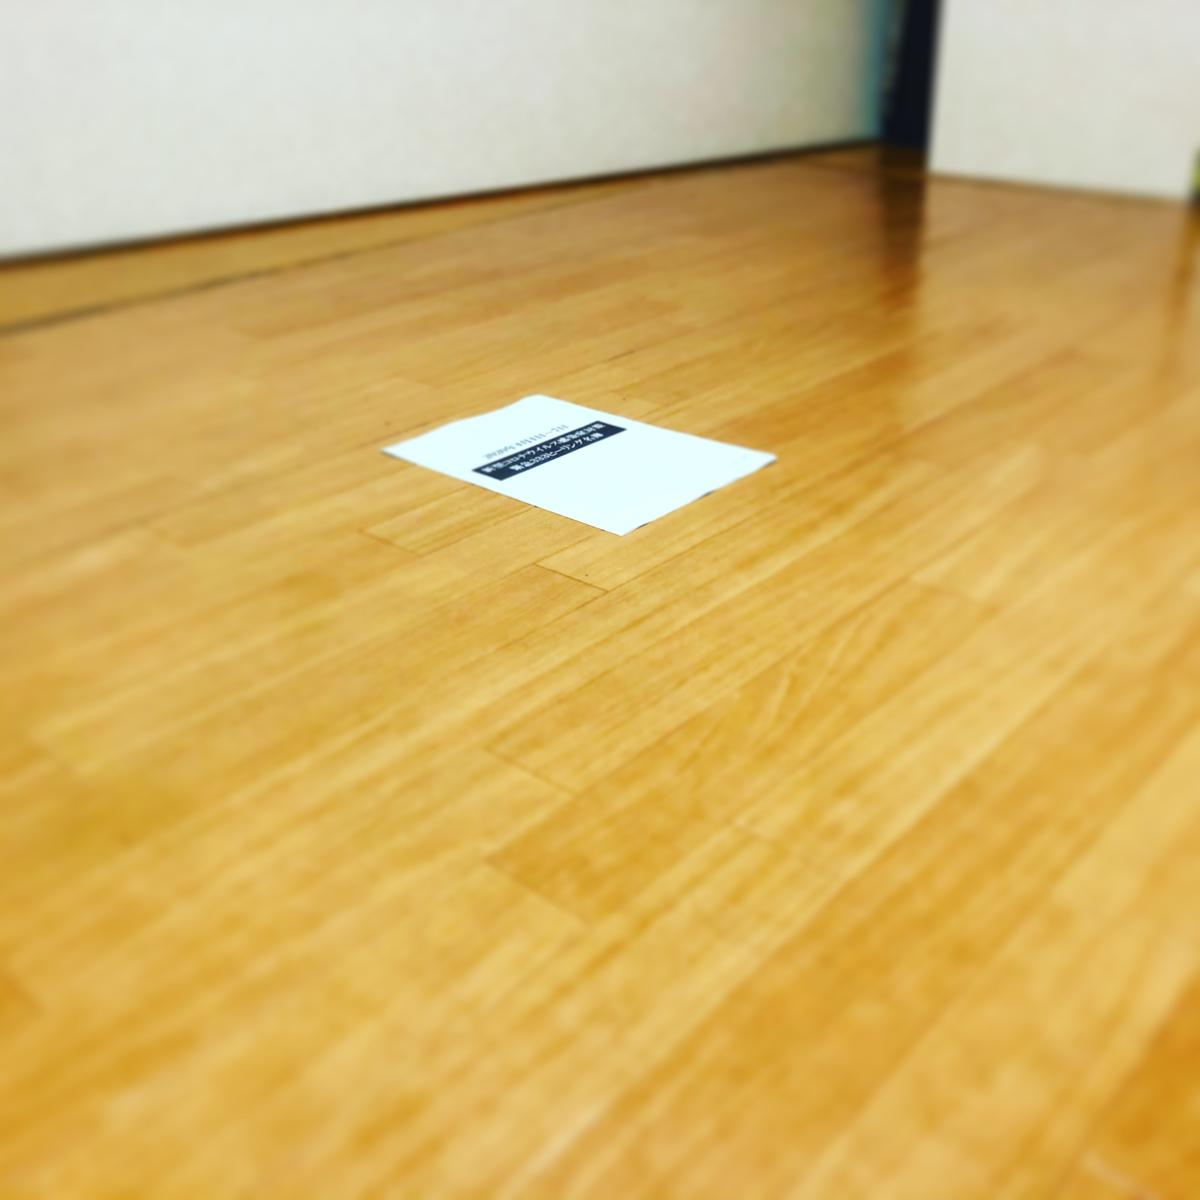 f:id:wadakazuma:20200516193618j:plain